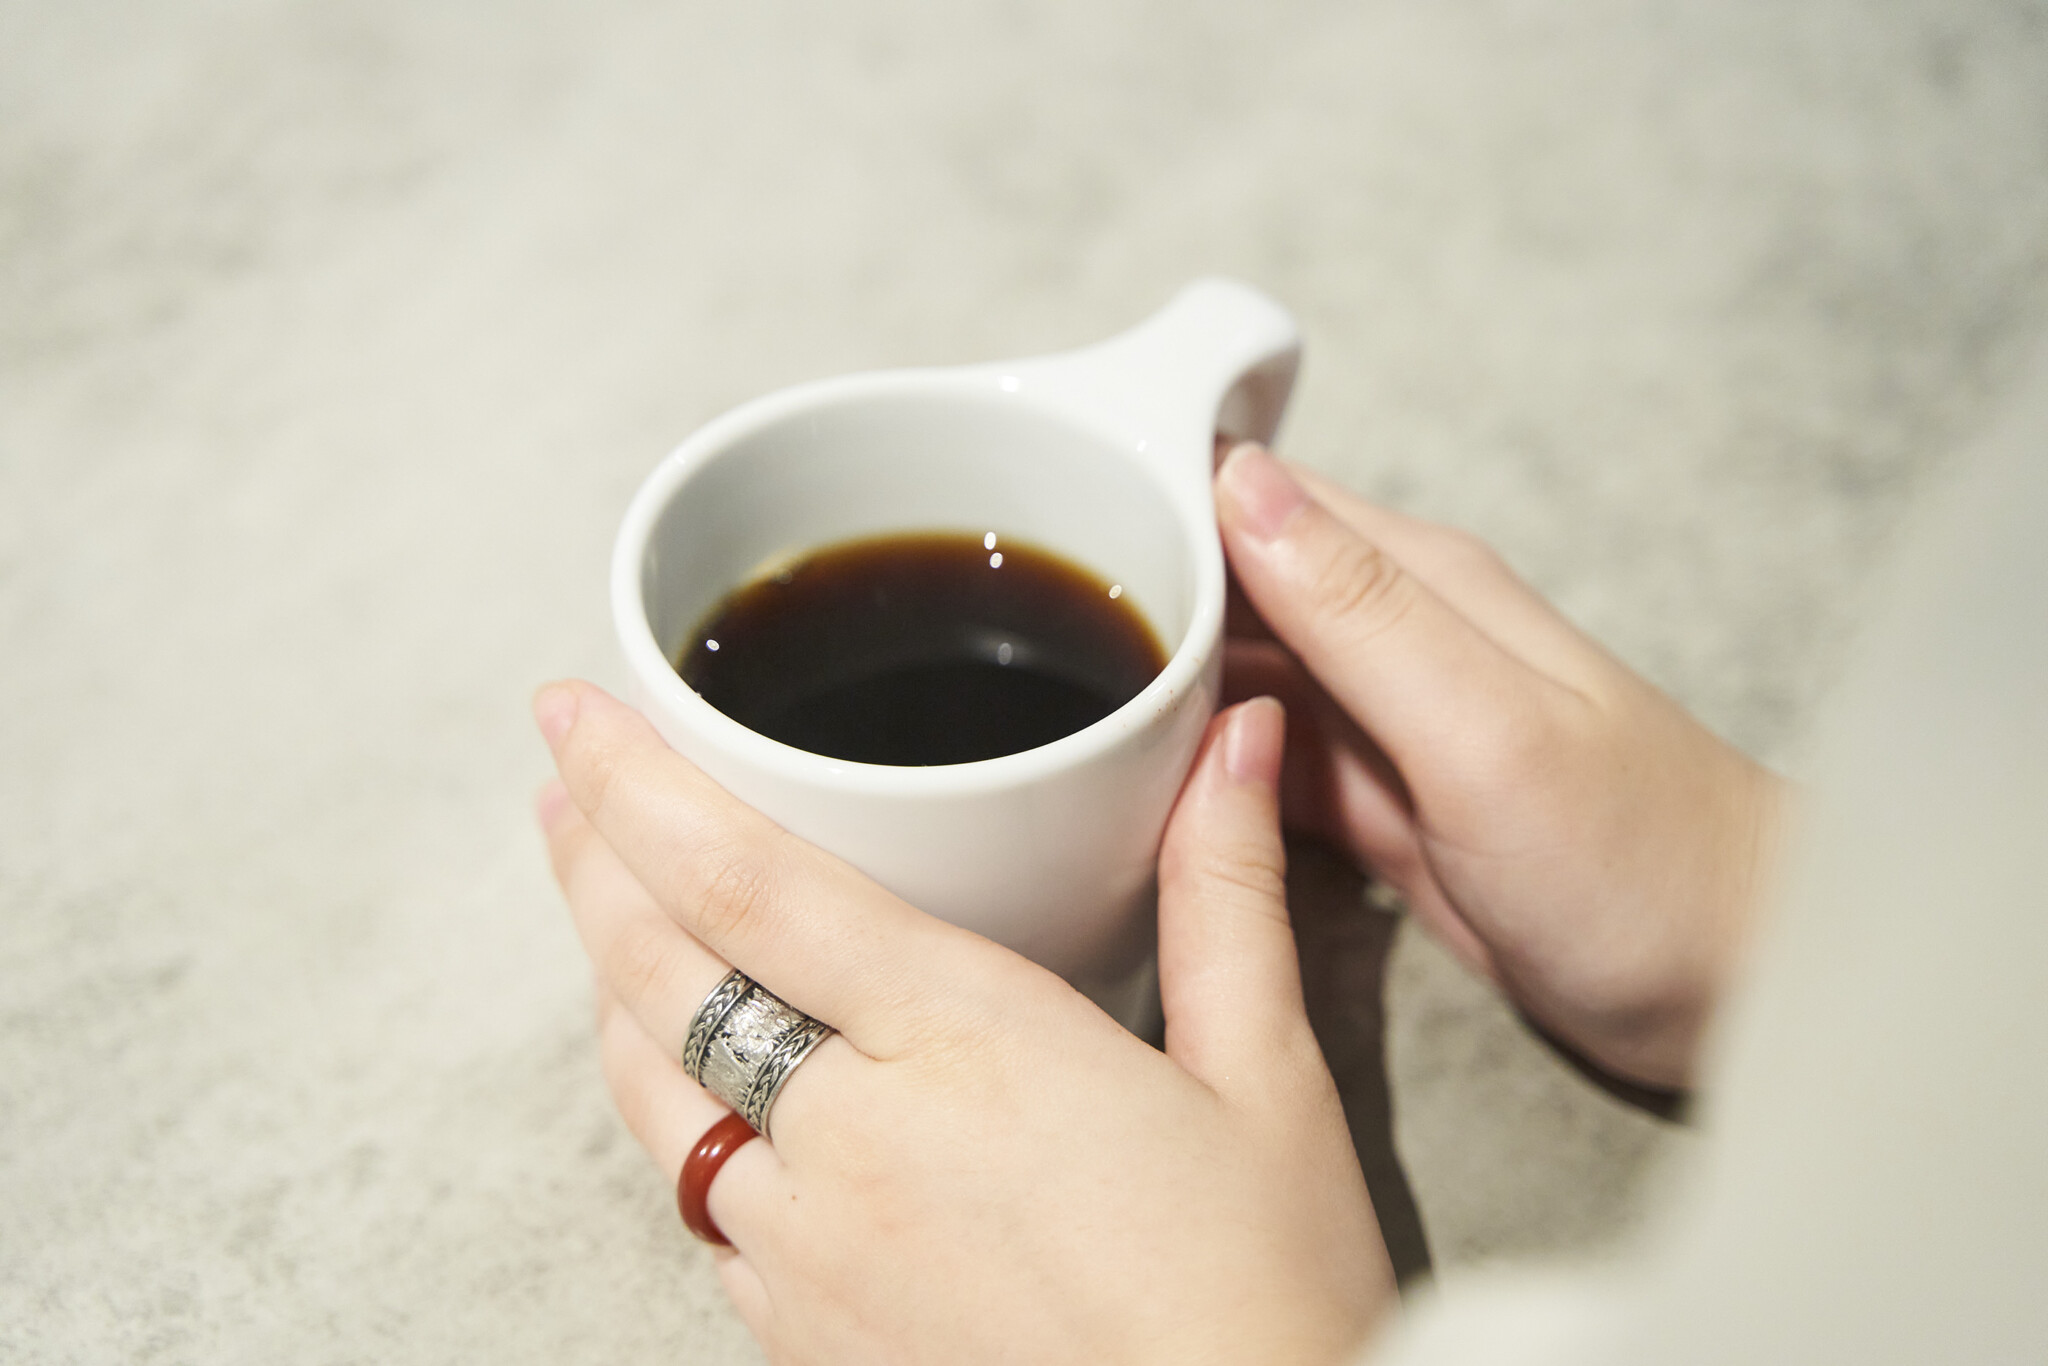 まるで実験室!おいしいコーヒーの淹れ方を学べる〈OGAWA COFFEE LABORATORY 下北沢〉へ。